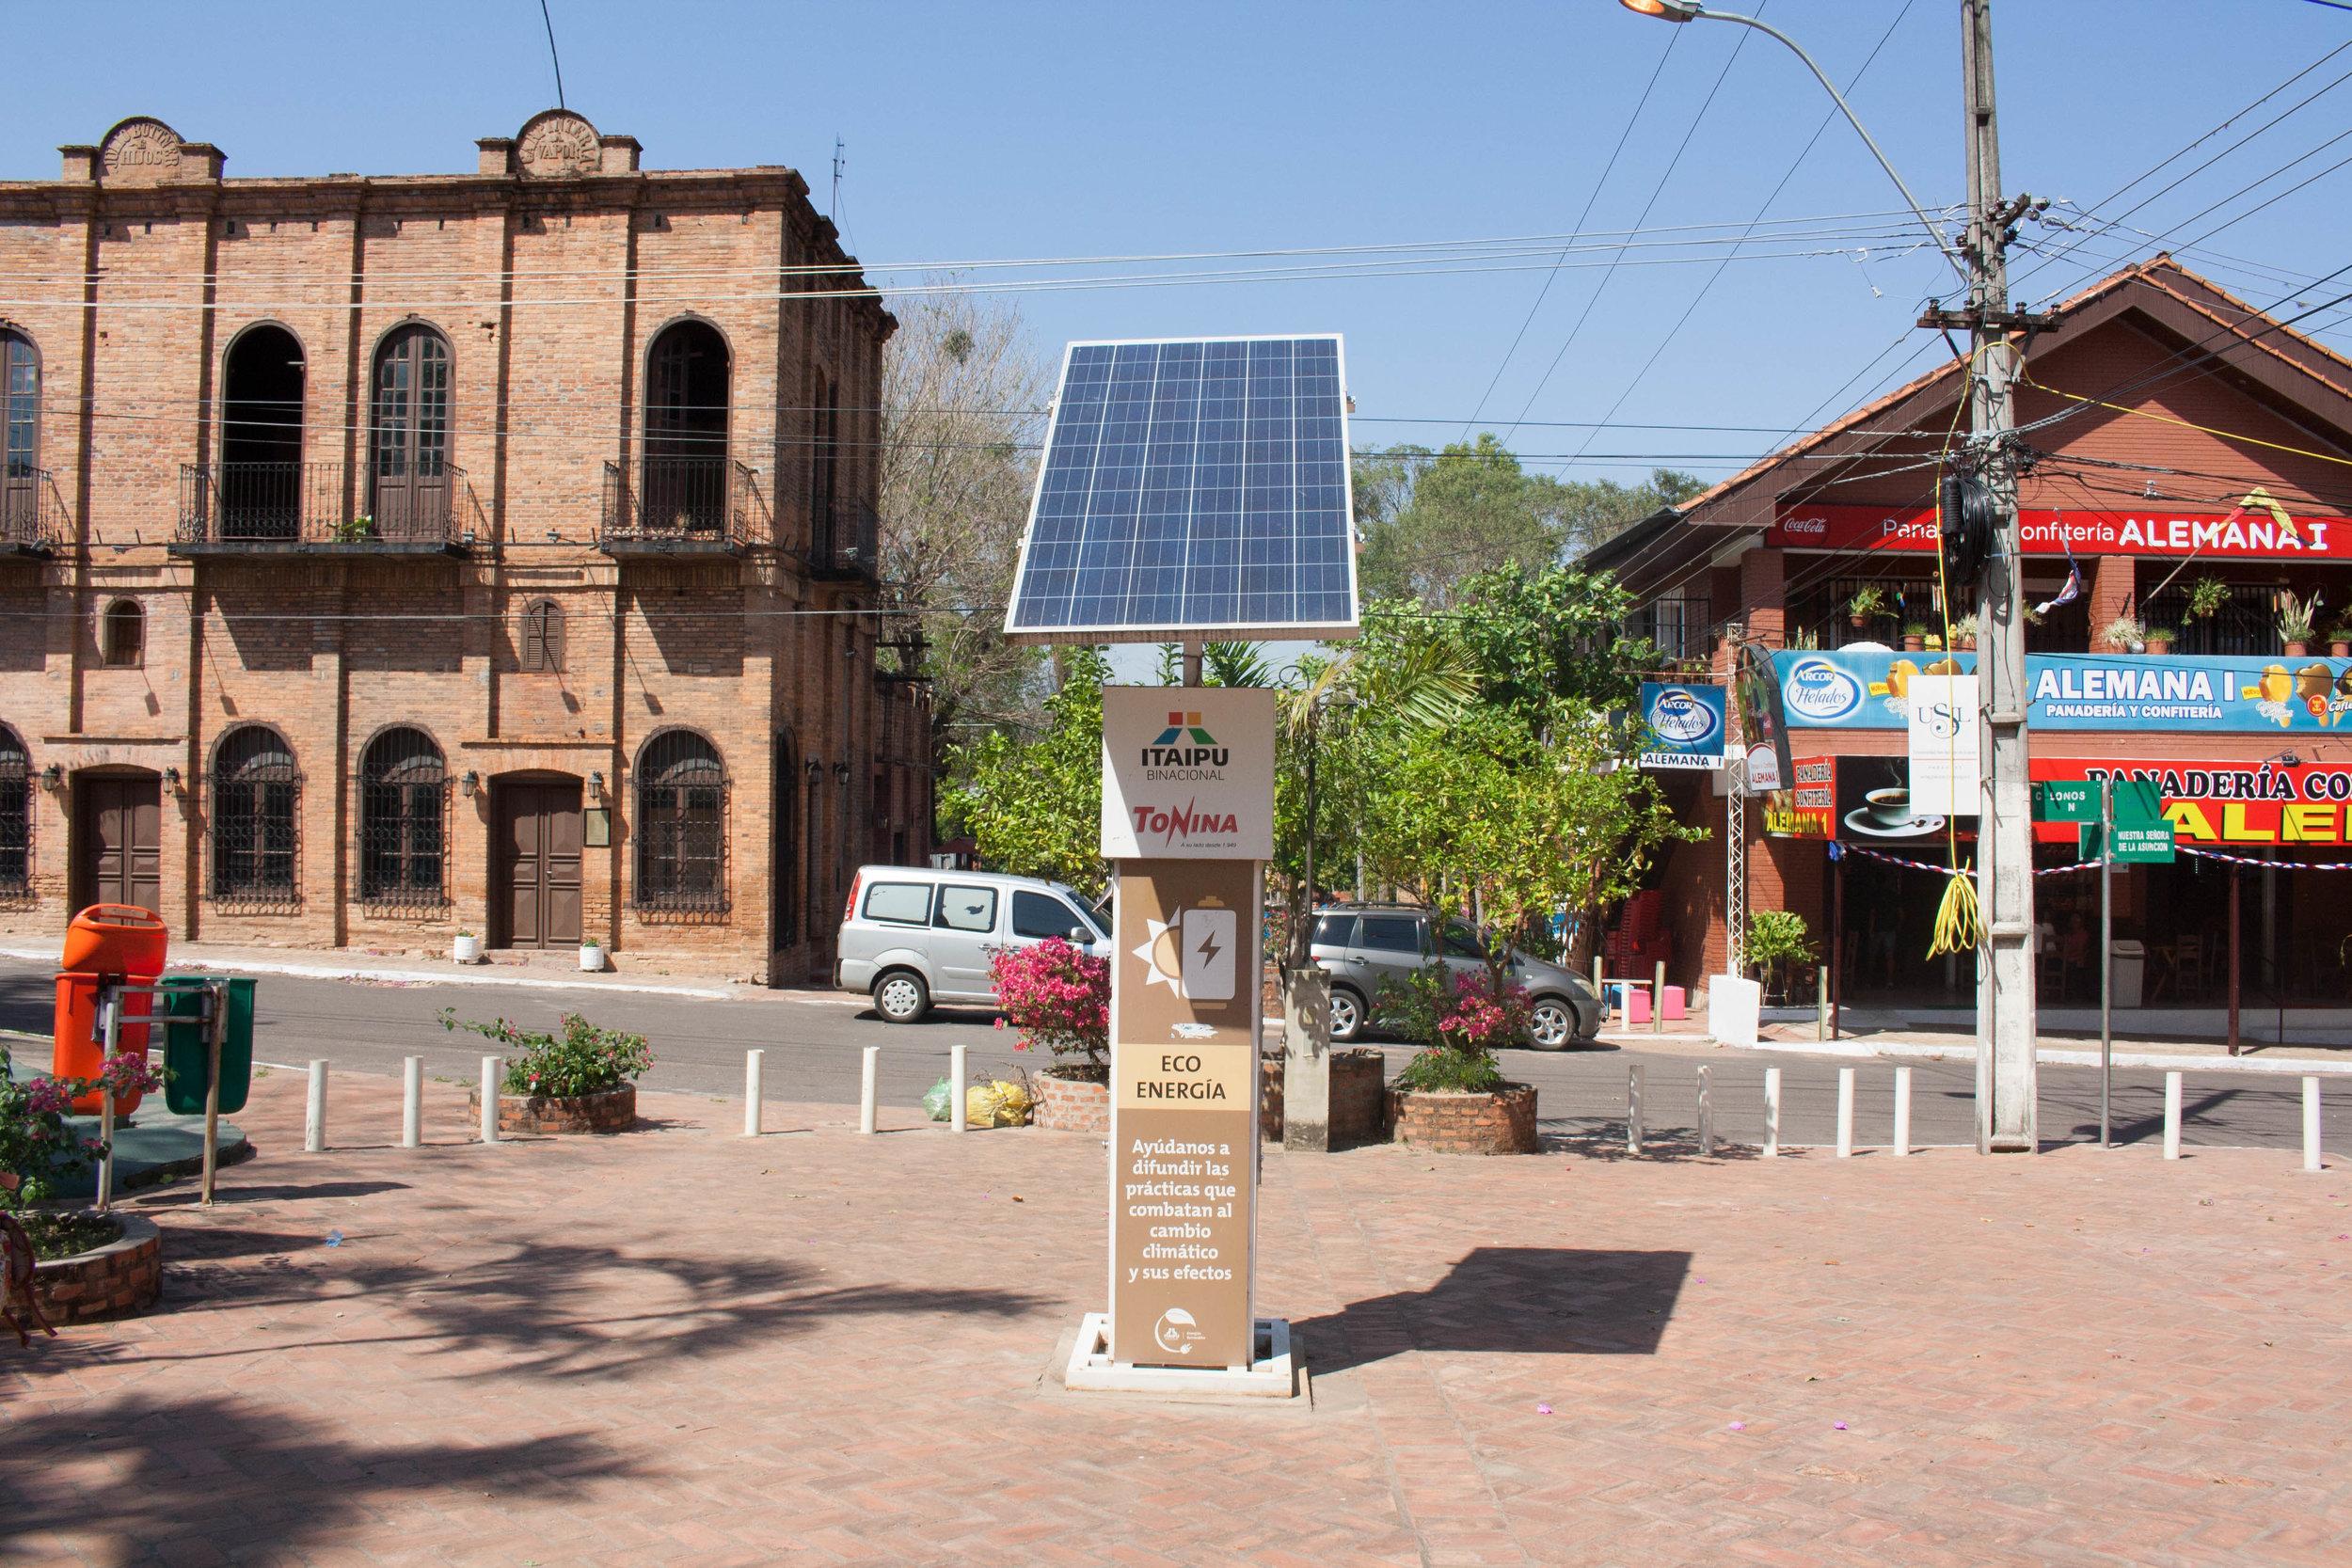 En el centro de la ciudad hay paneles solares